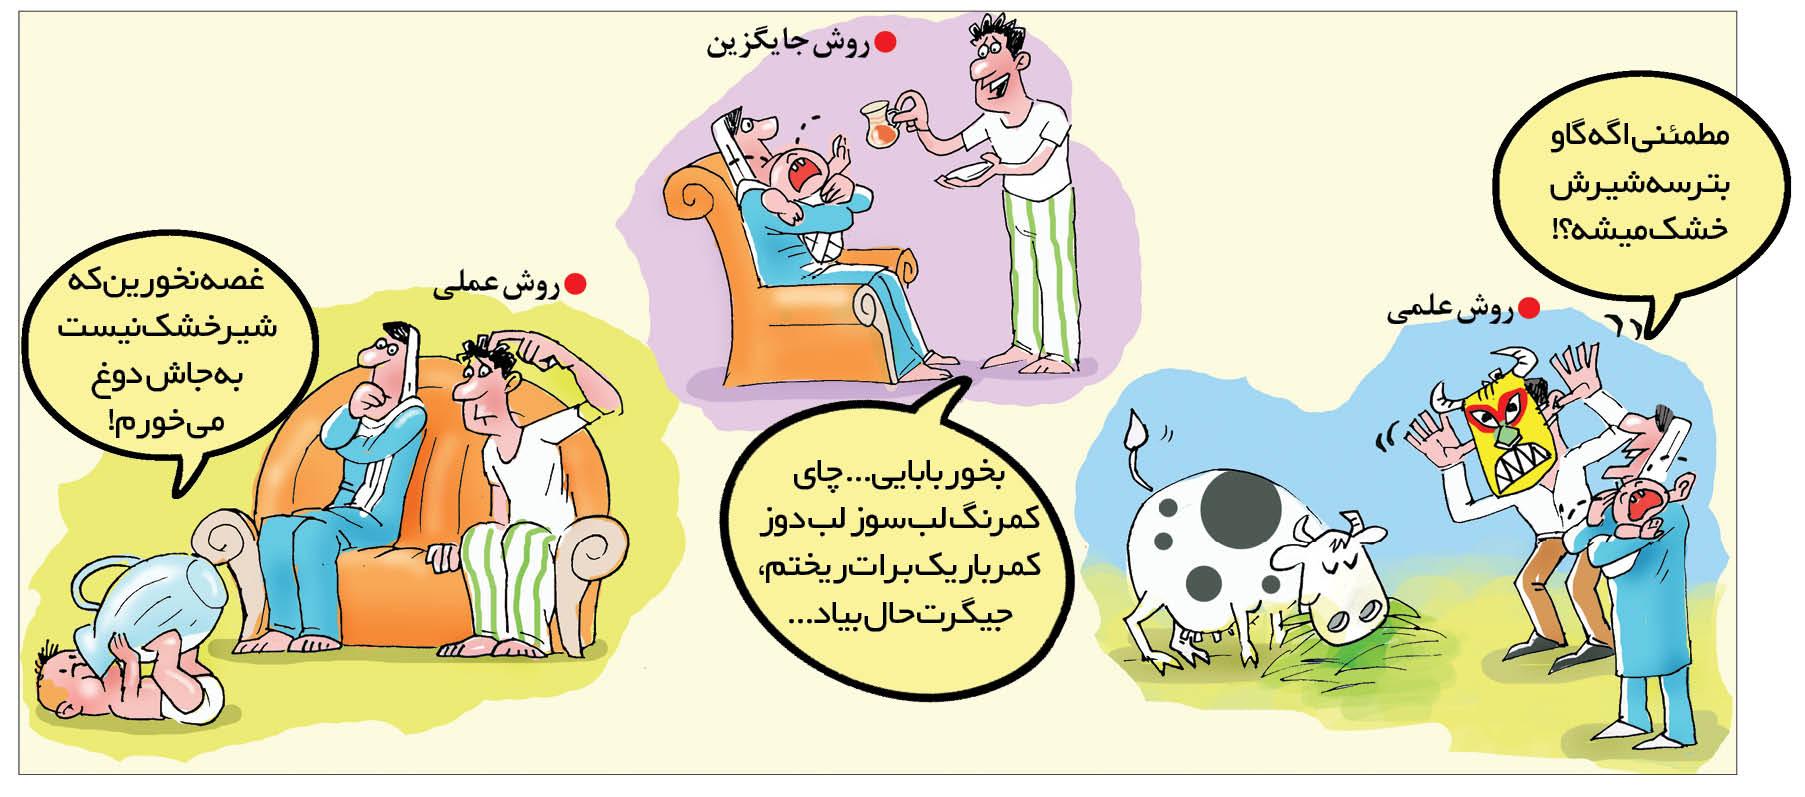 کارتون/ راه های برطرف کردن کمبود شیرخشک